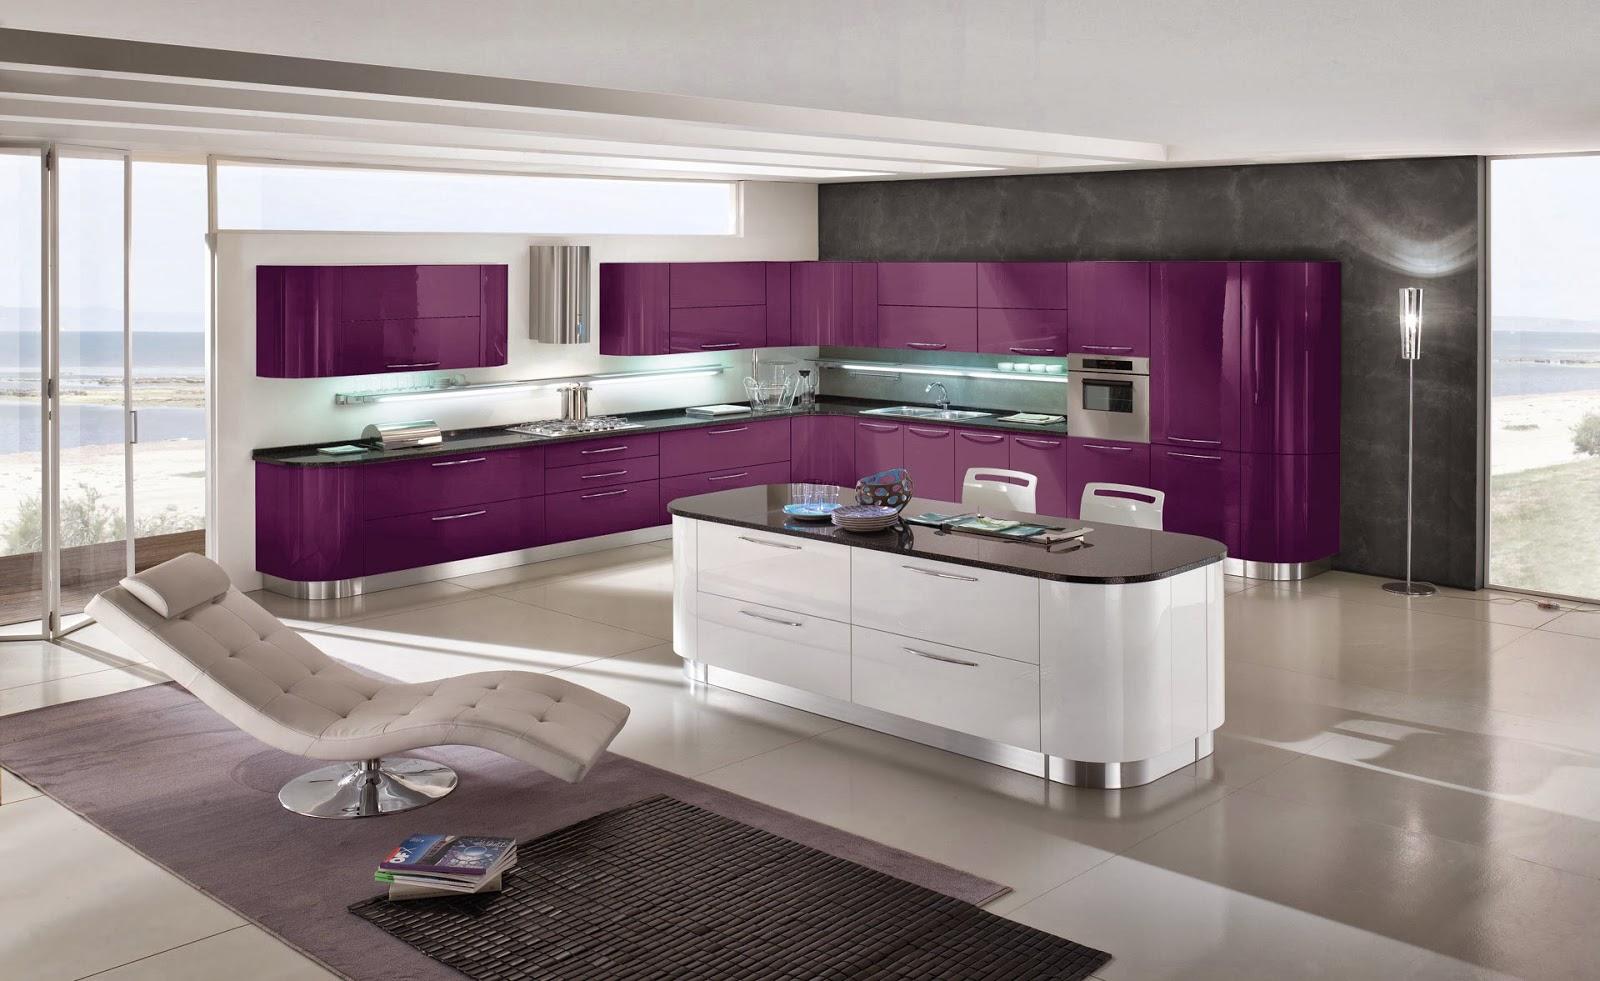 Cocinas descaradamente abiertas cocinas con estilo - Cocinas isla modernas ...